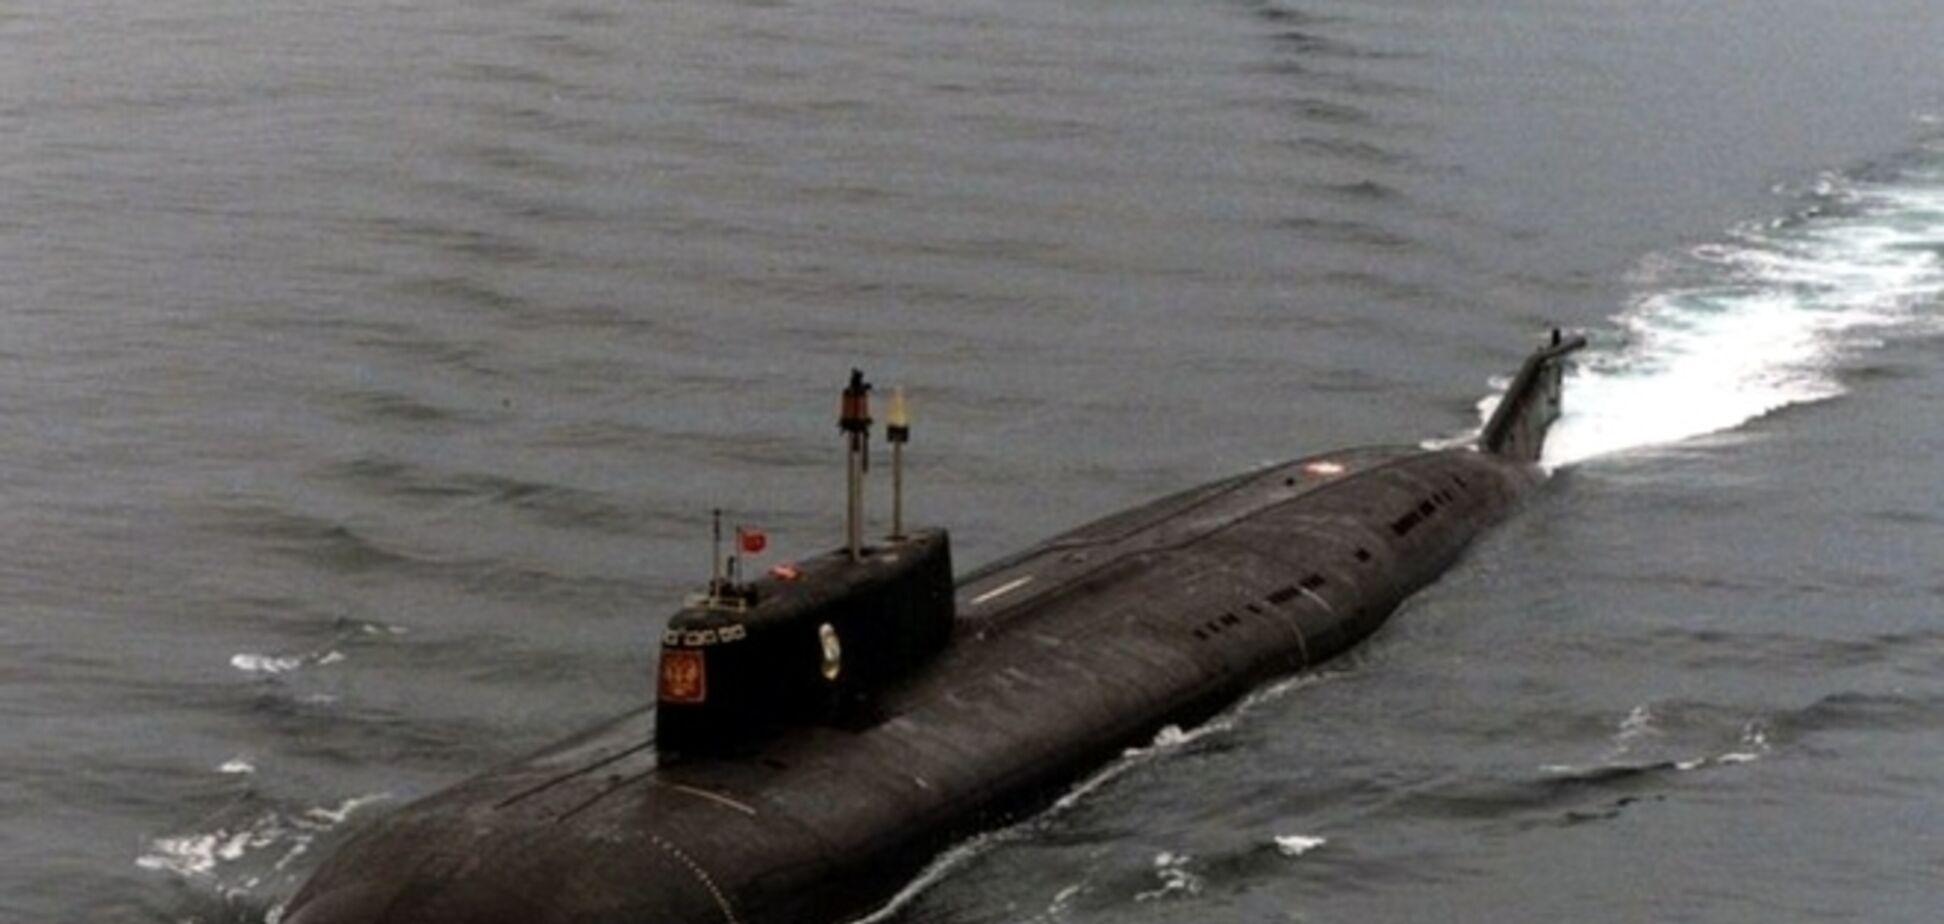 Российская подводная лодка могла перевозить диверсантов – шведский эксперт